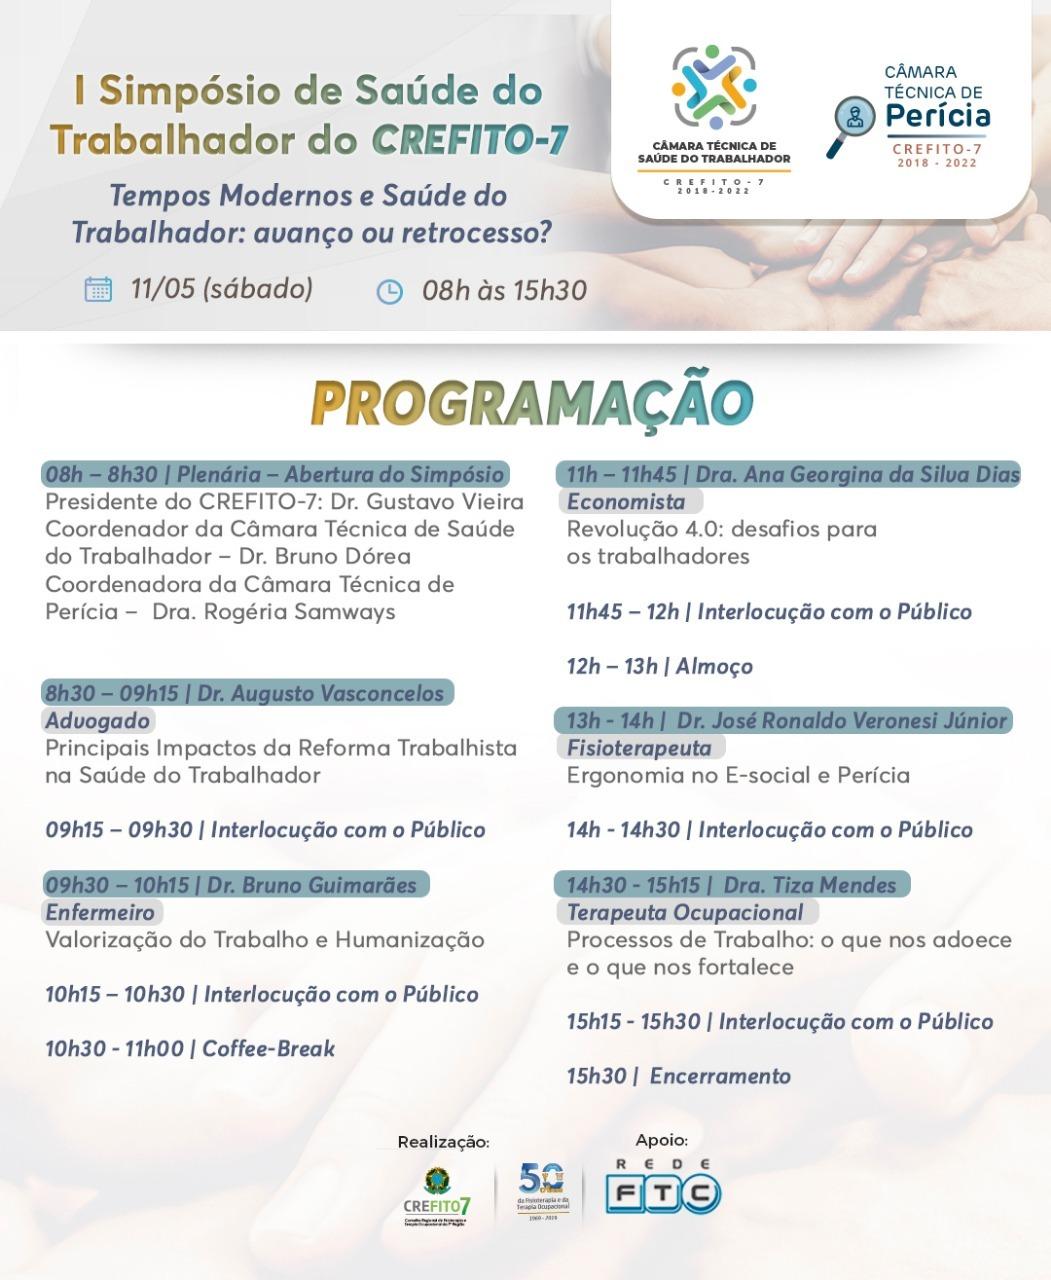 Programação do I Simpósio de Saúde do Trabalhador do CREFITO-7